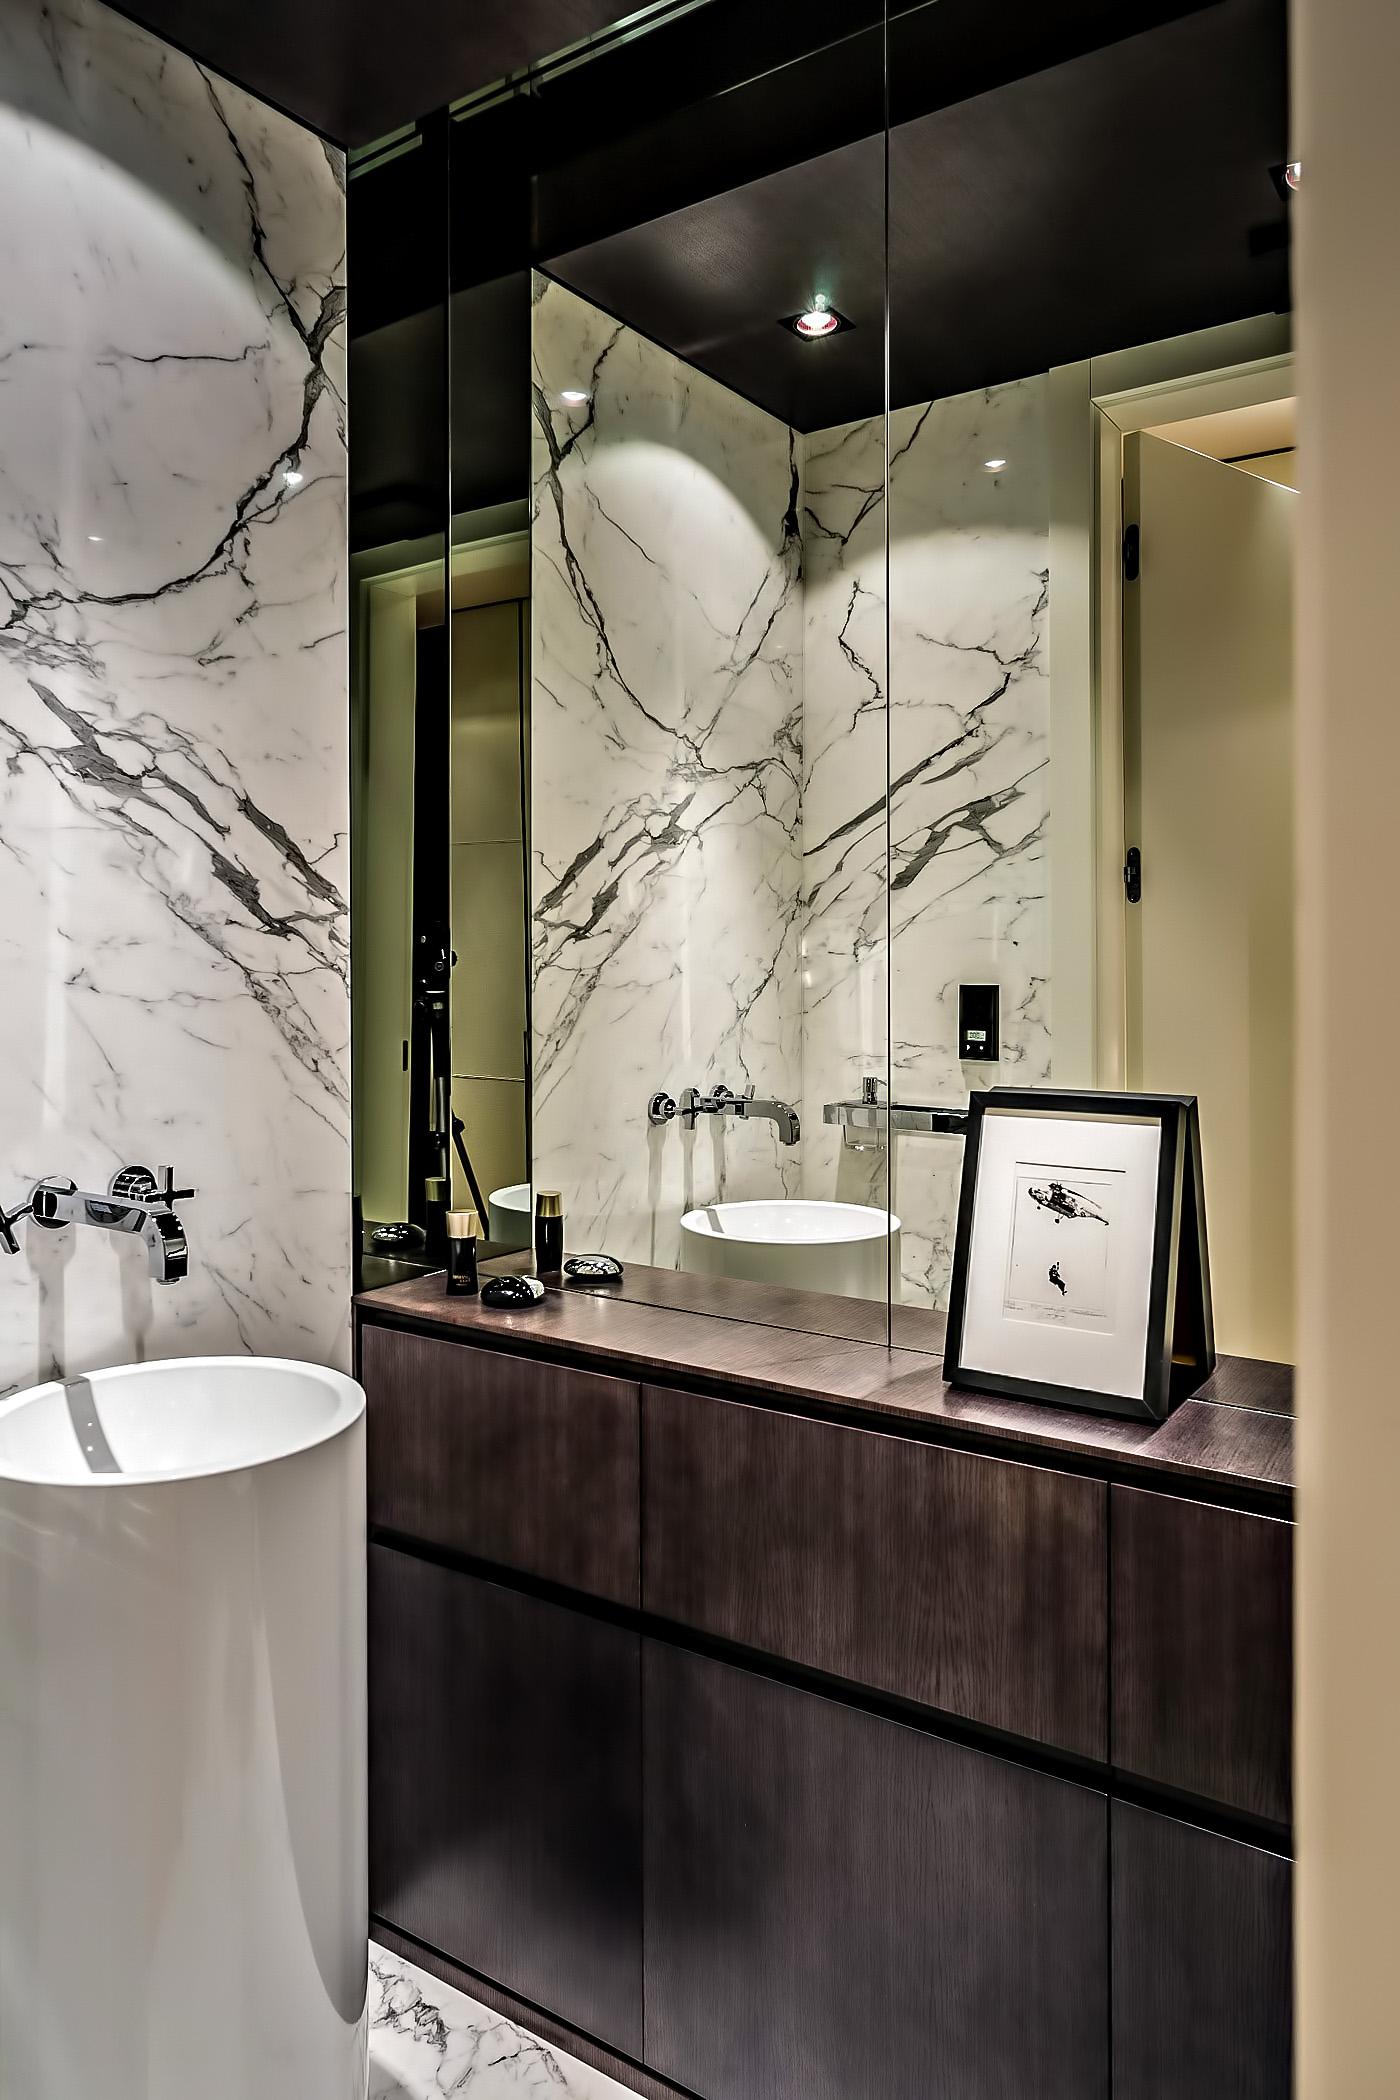 Nowe Powisle Luxury Penthouse – Warsaw, Poland